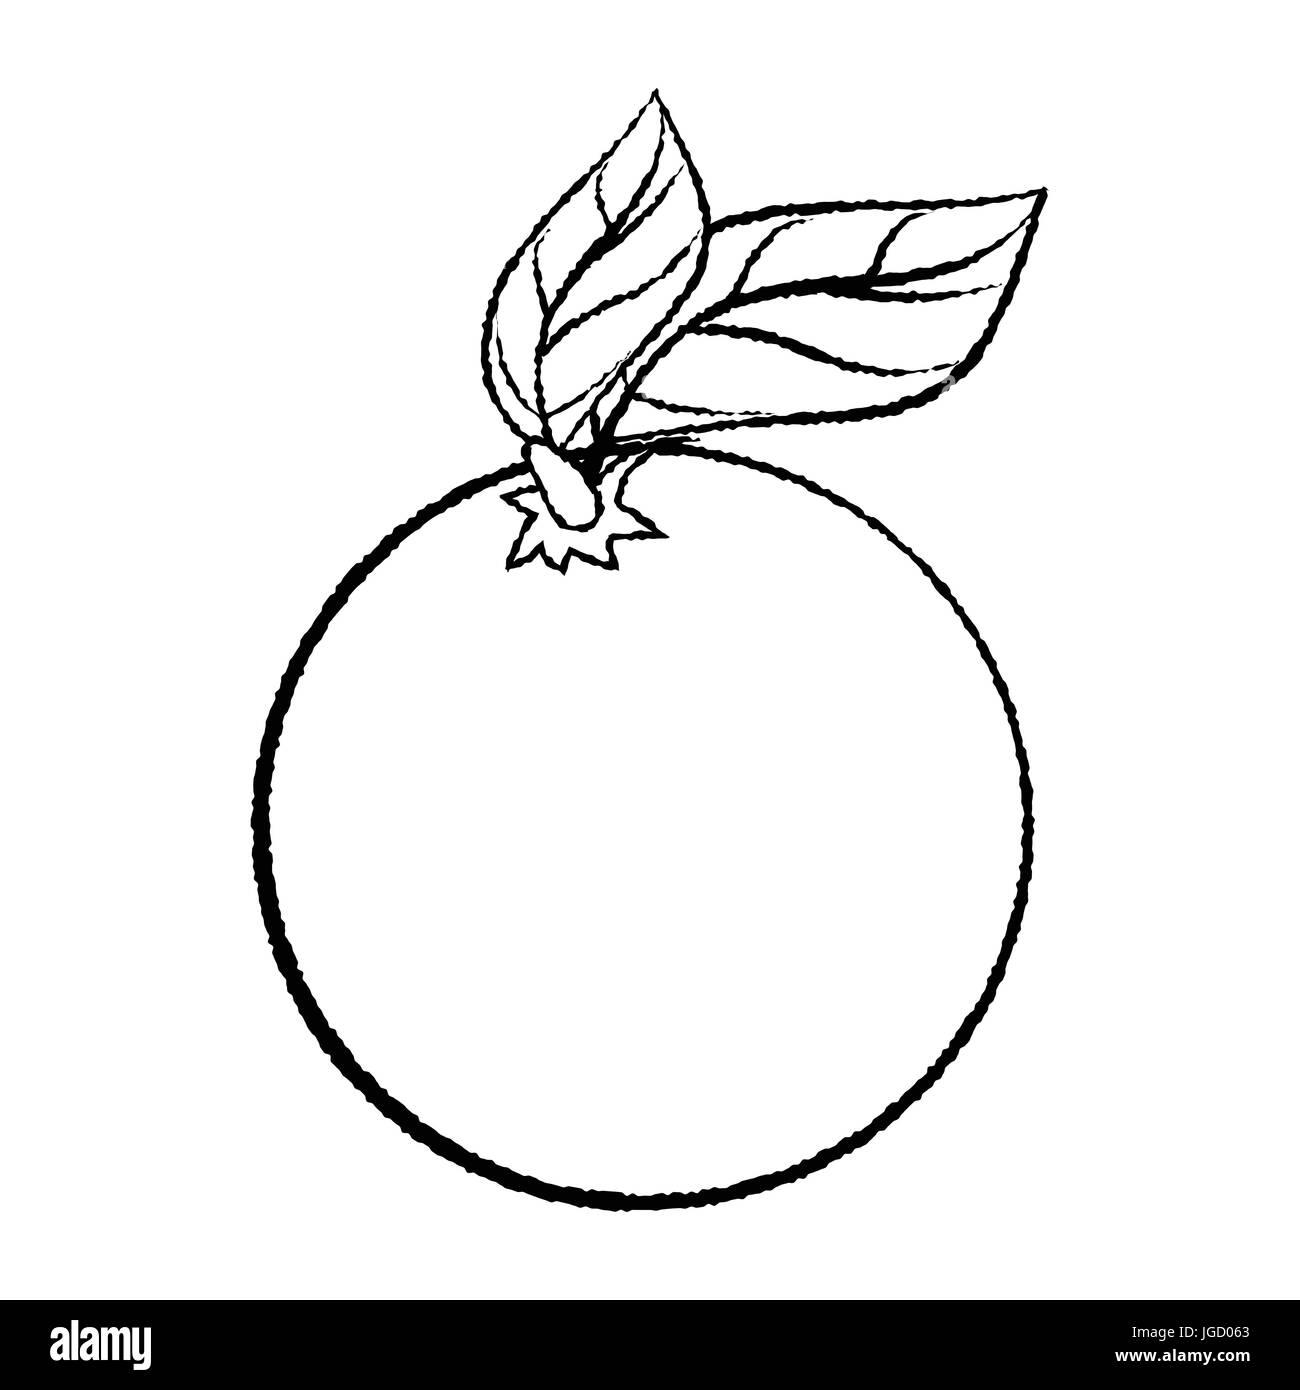 Croquis Dibujados A Mano De Naranja Y Hoja Aislados En Blanco Y